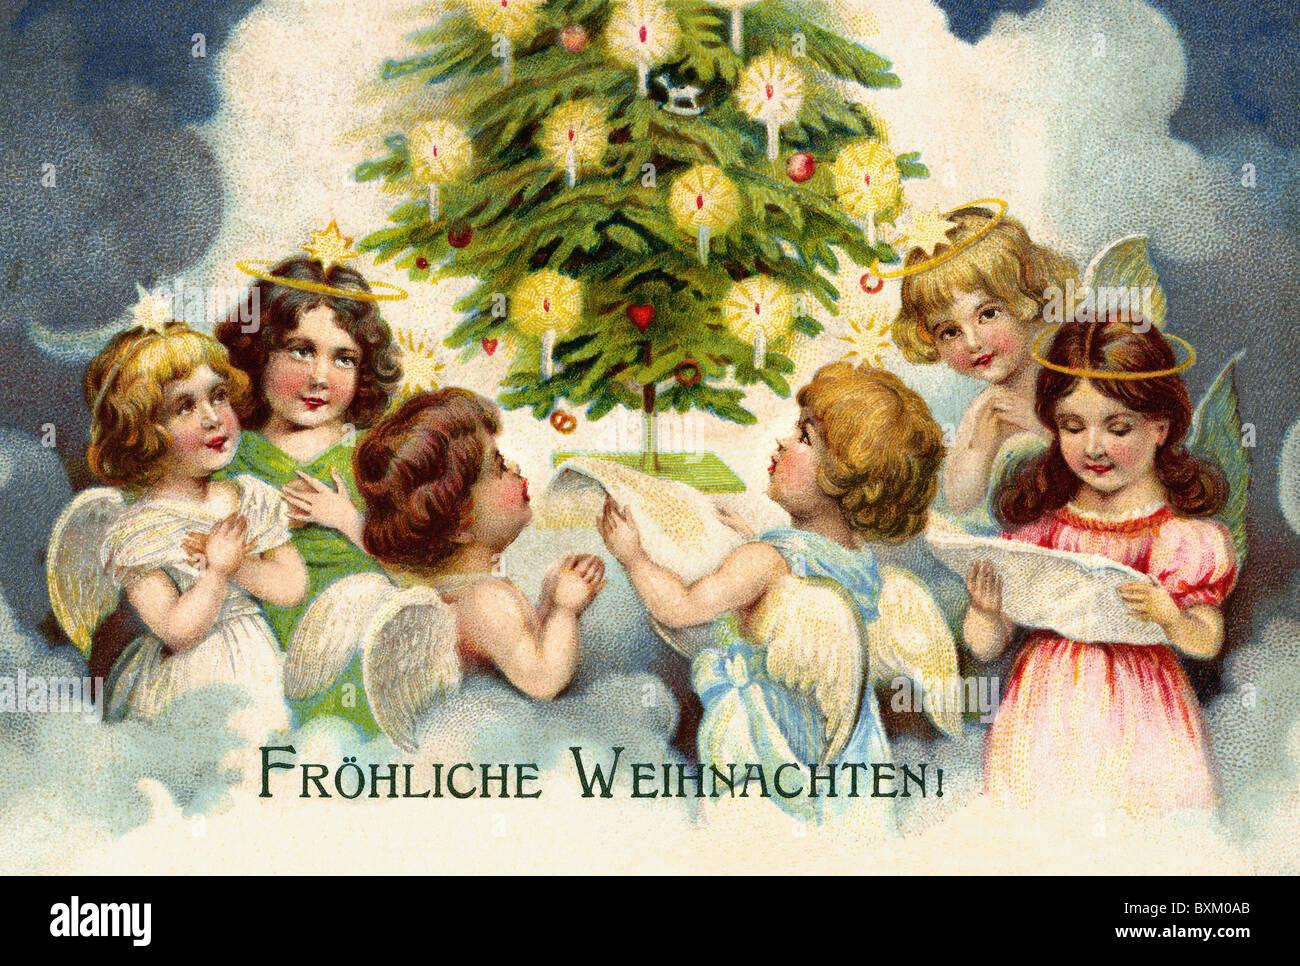 Chöre Singen Weihnachtslieder.Weihnachten Engel Chor Singen Weihnachtslieder Unter Dem